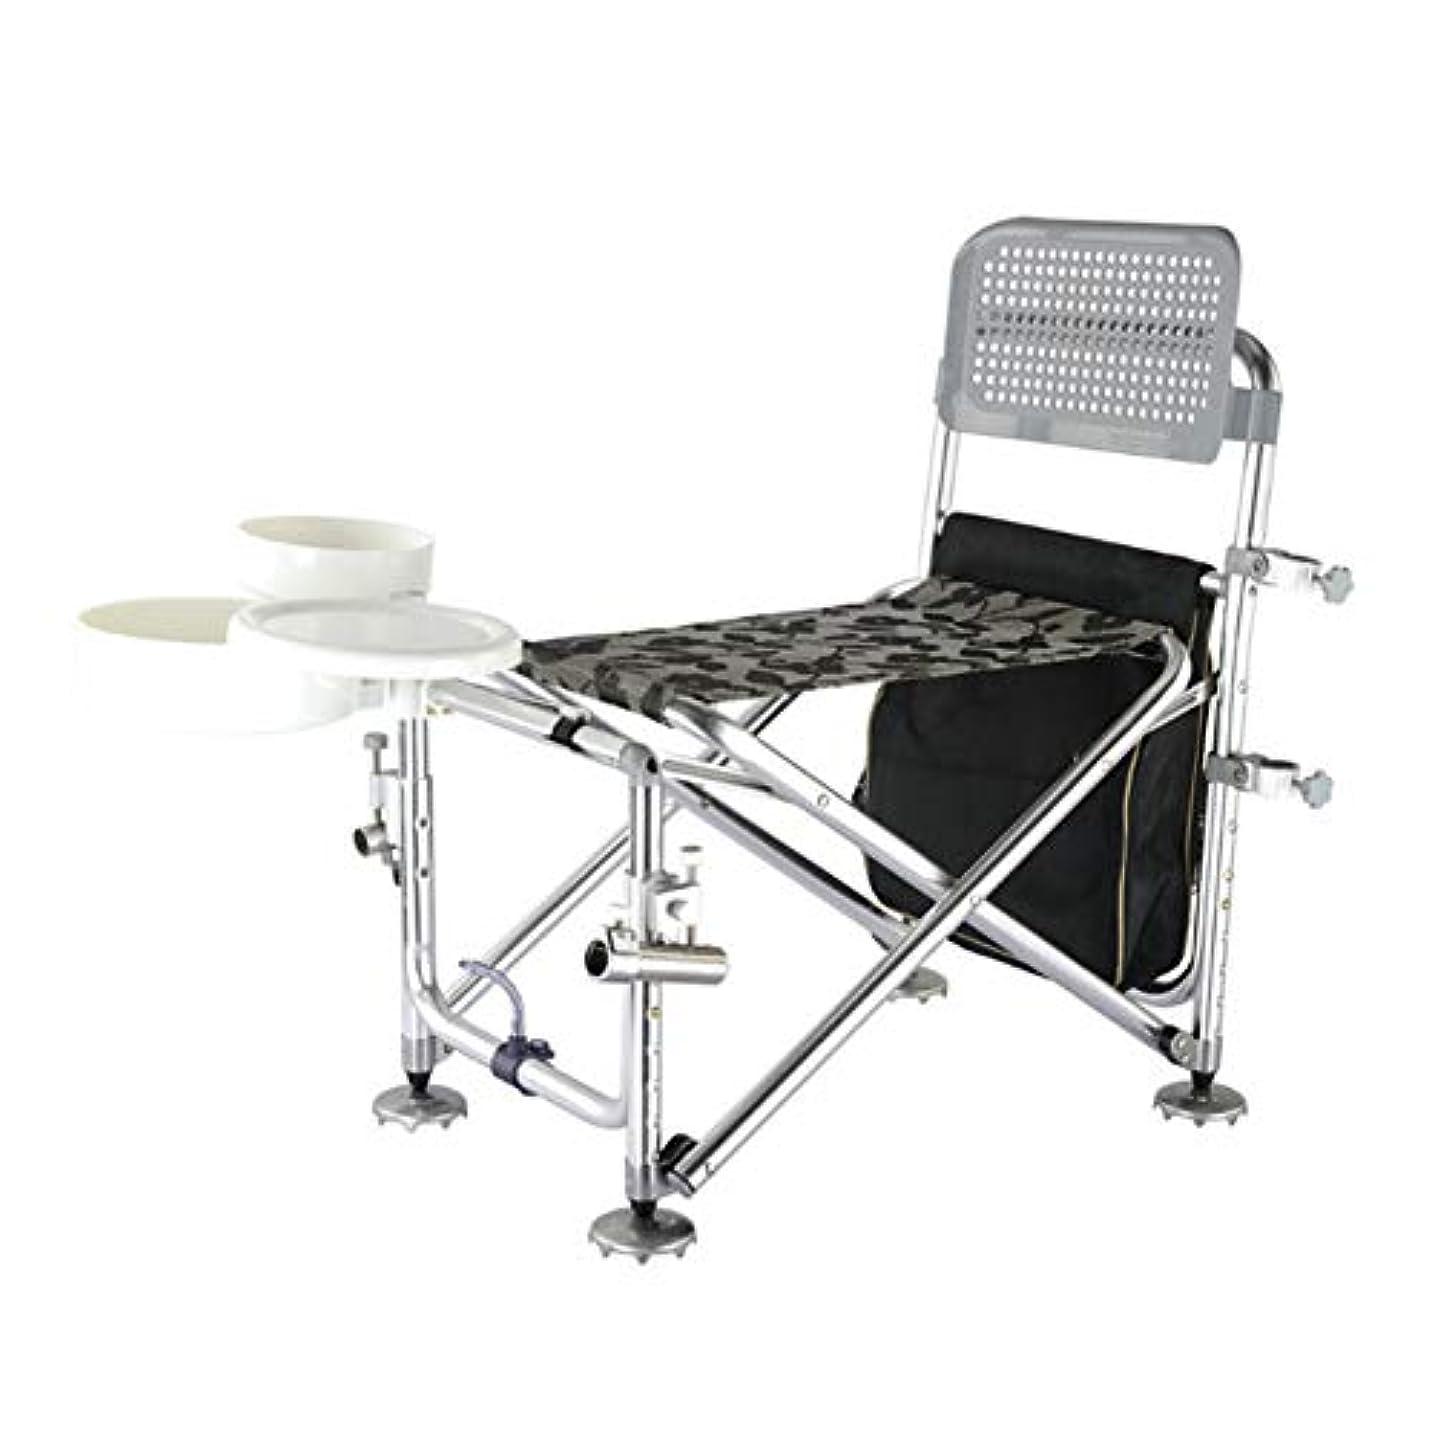 道徳教育付与特許折りたたみ釣り椅子、軽量と軽量、快適な背中の高さのデザイン、釣りレジャーチェアを搭載した釣りテーブルキャリングバッグ付き多機能釣り椅子